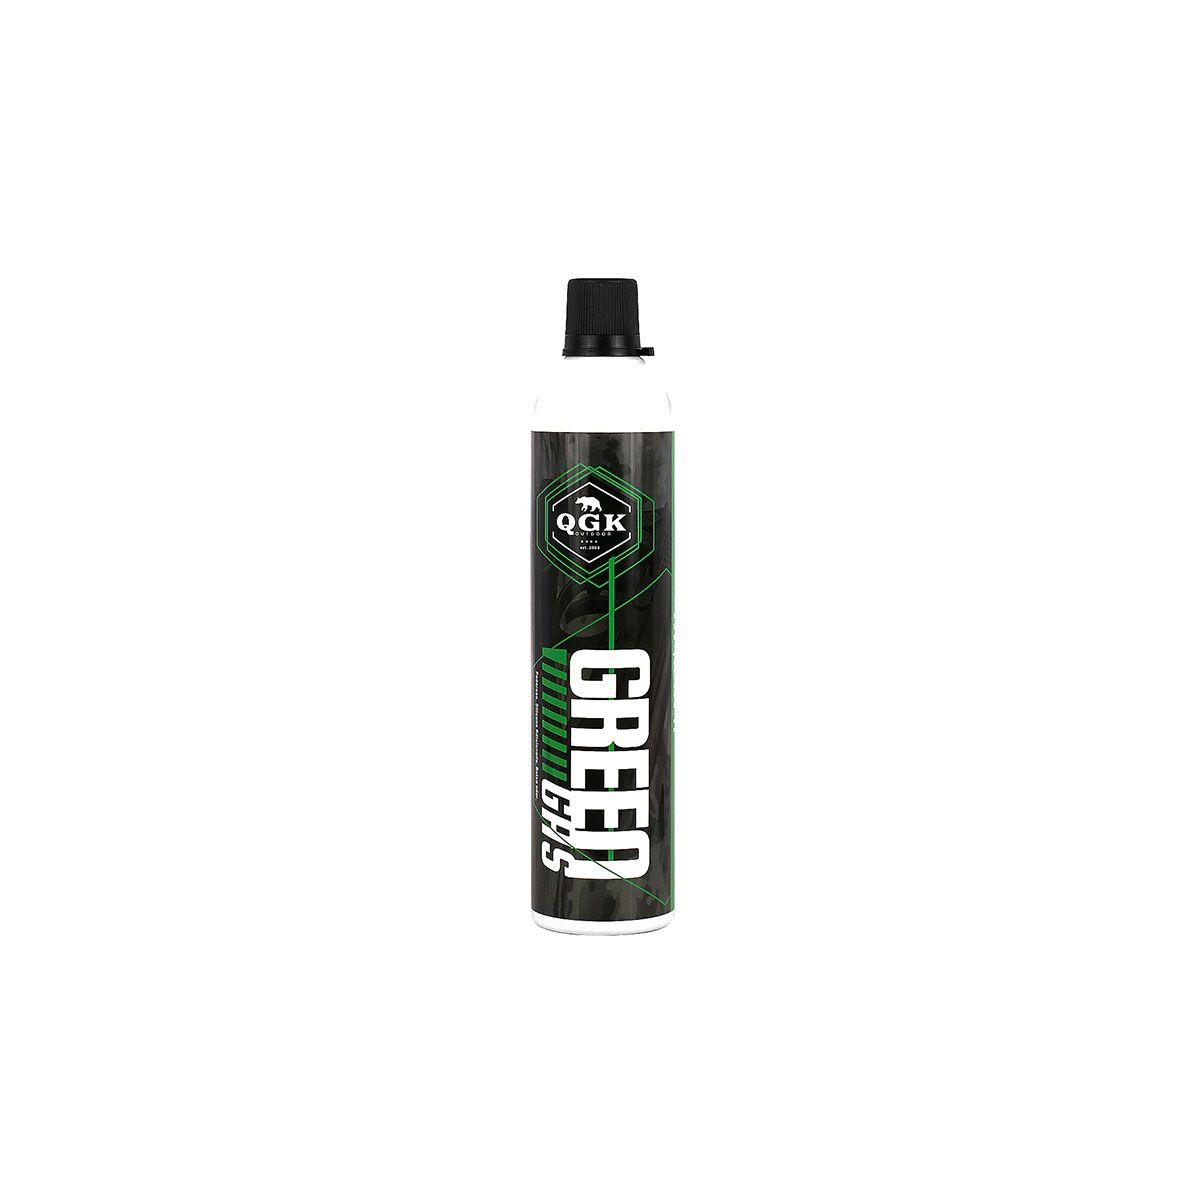 Cilindro Green Gás com Silicone QGK com Bico 600ml